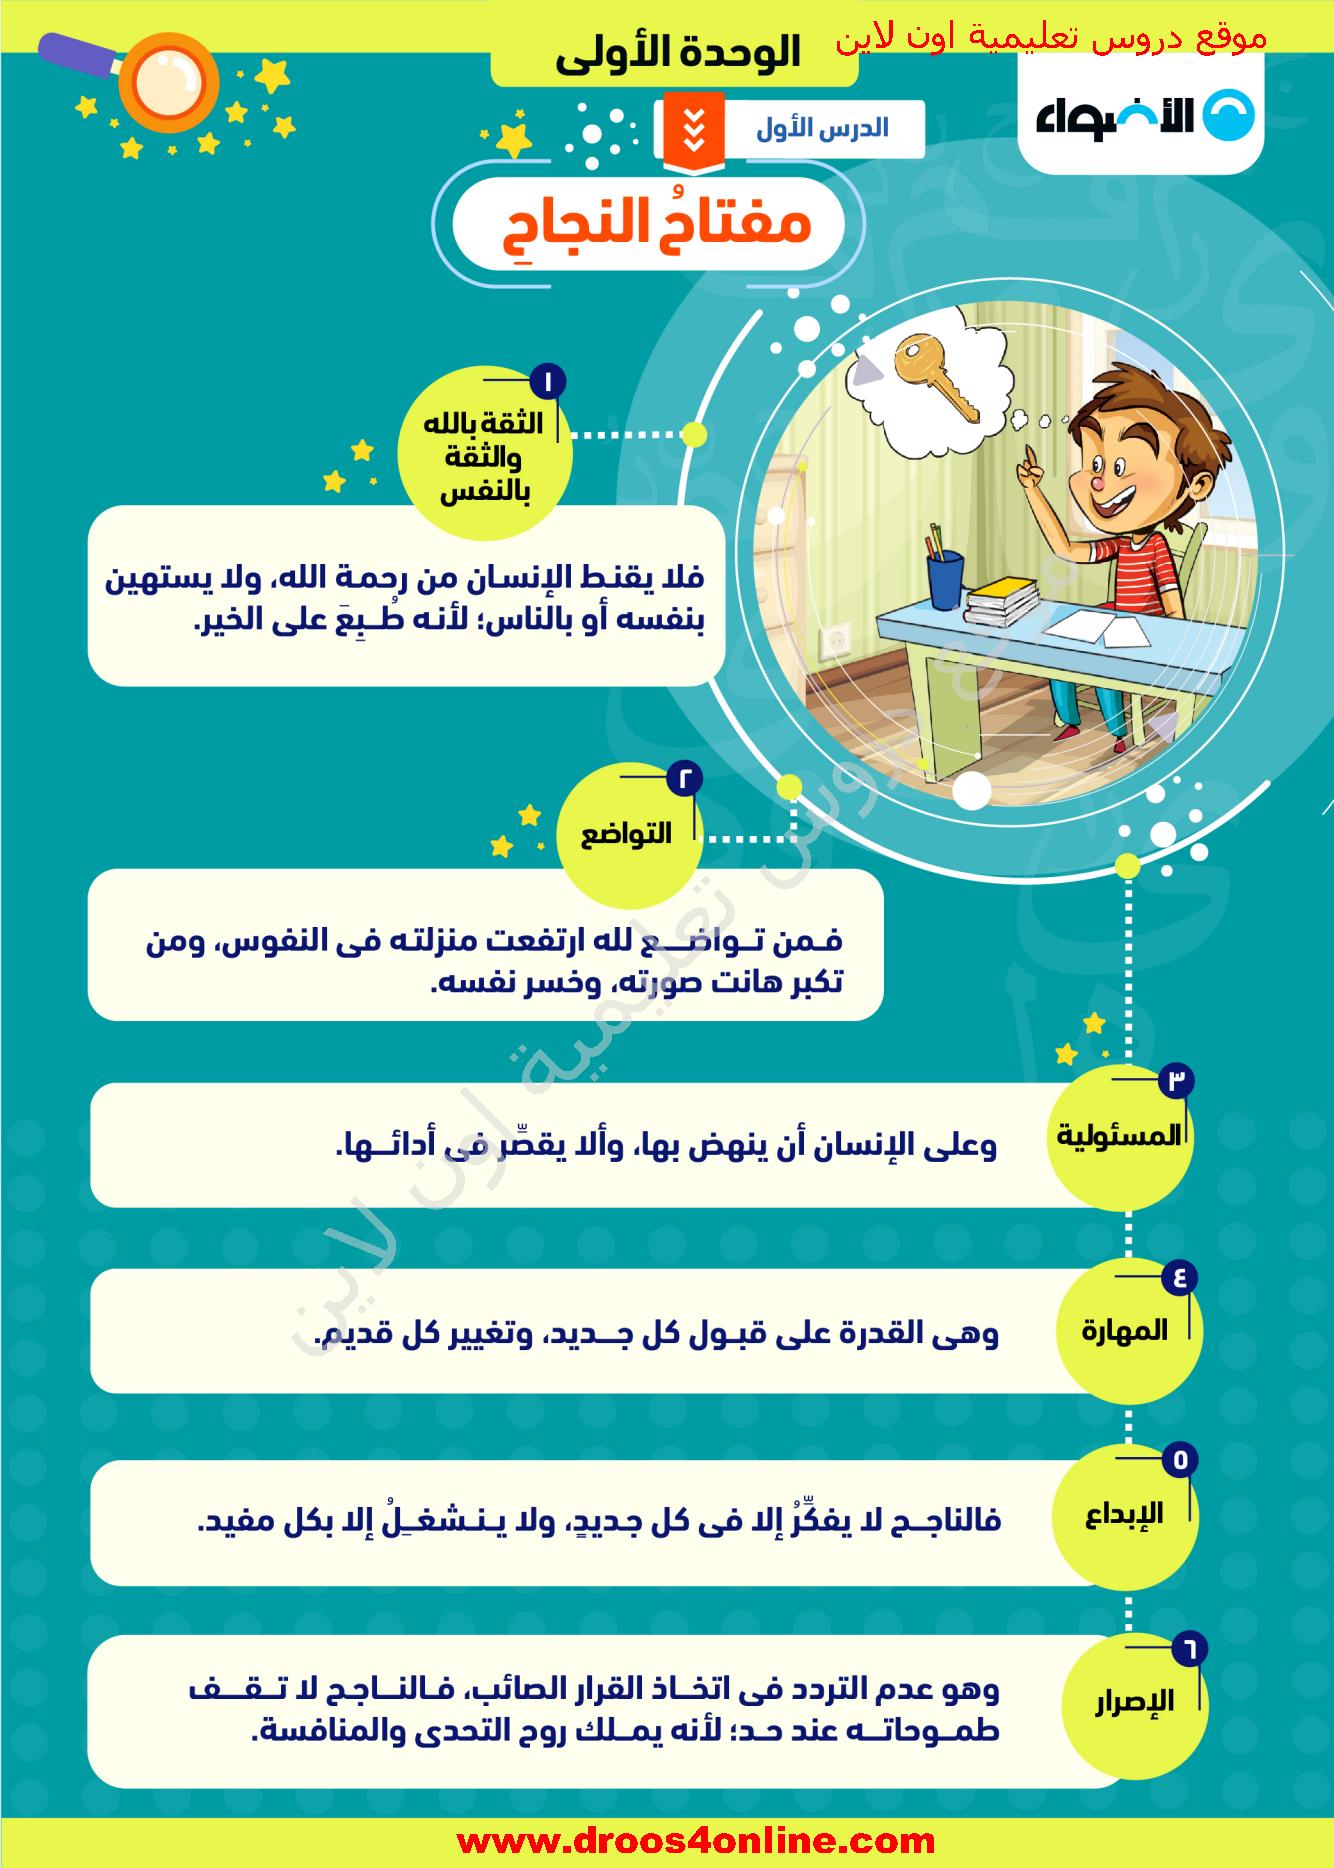 افضل مذكرة لغة عربية(خرائط ذهنية) للصف السادس الإبتدائى الترم الأول 2022 من الأضواء